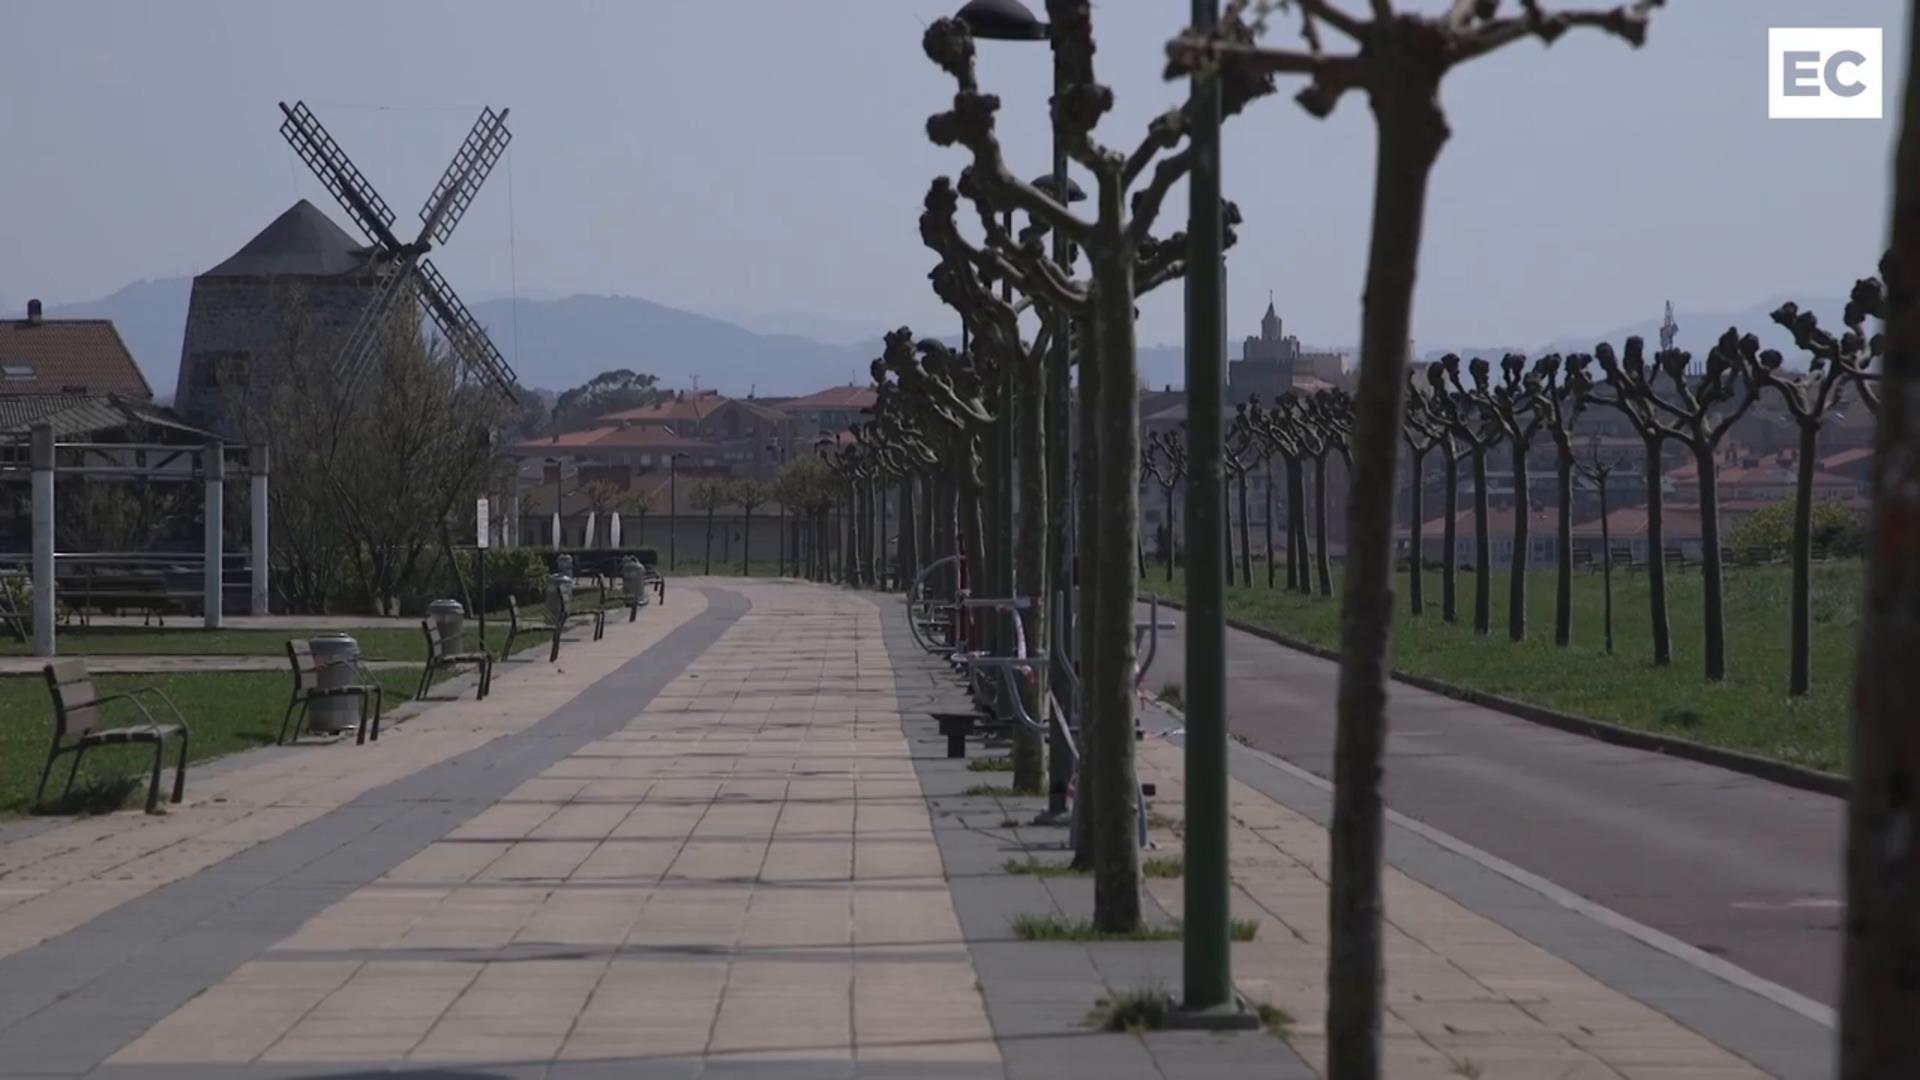 Paseos y playas vacías en Bizkaia por el estado de alarma contra el coronavirus